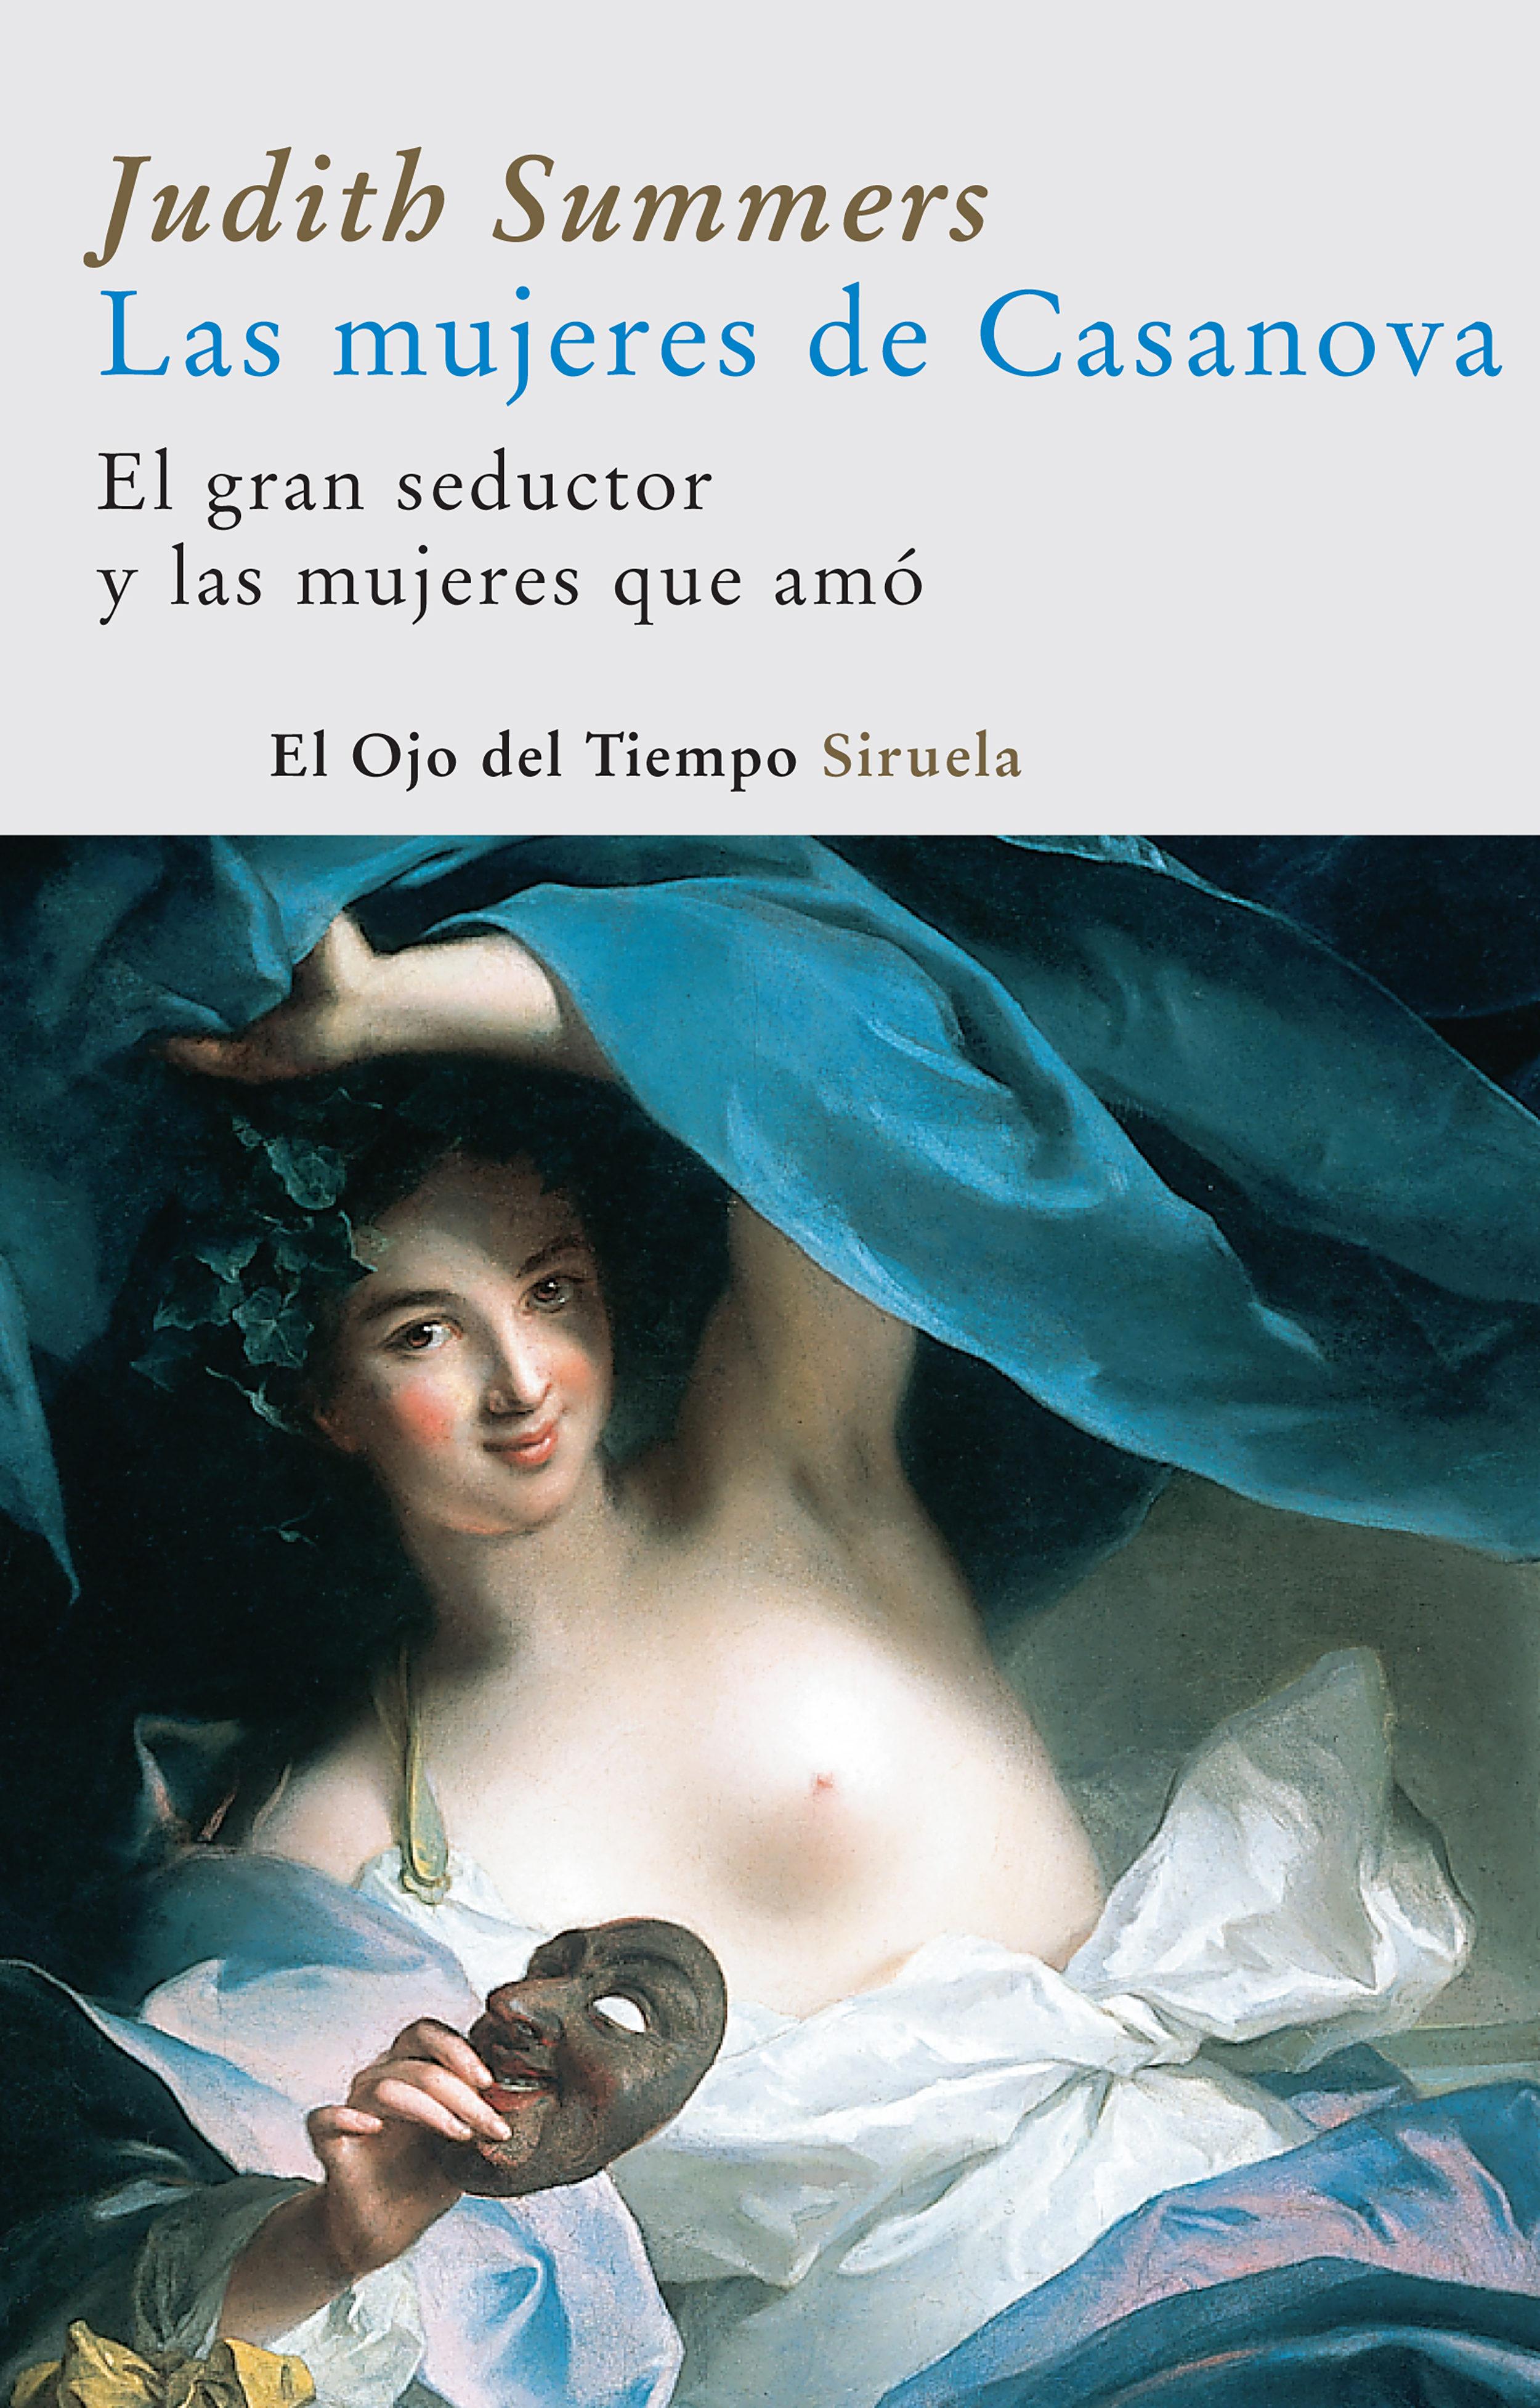 Las Mujeres De Casanova: El Gran Seductor Y Las Mujeres Que Amo - Summers Judith